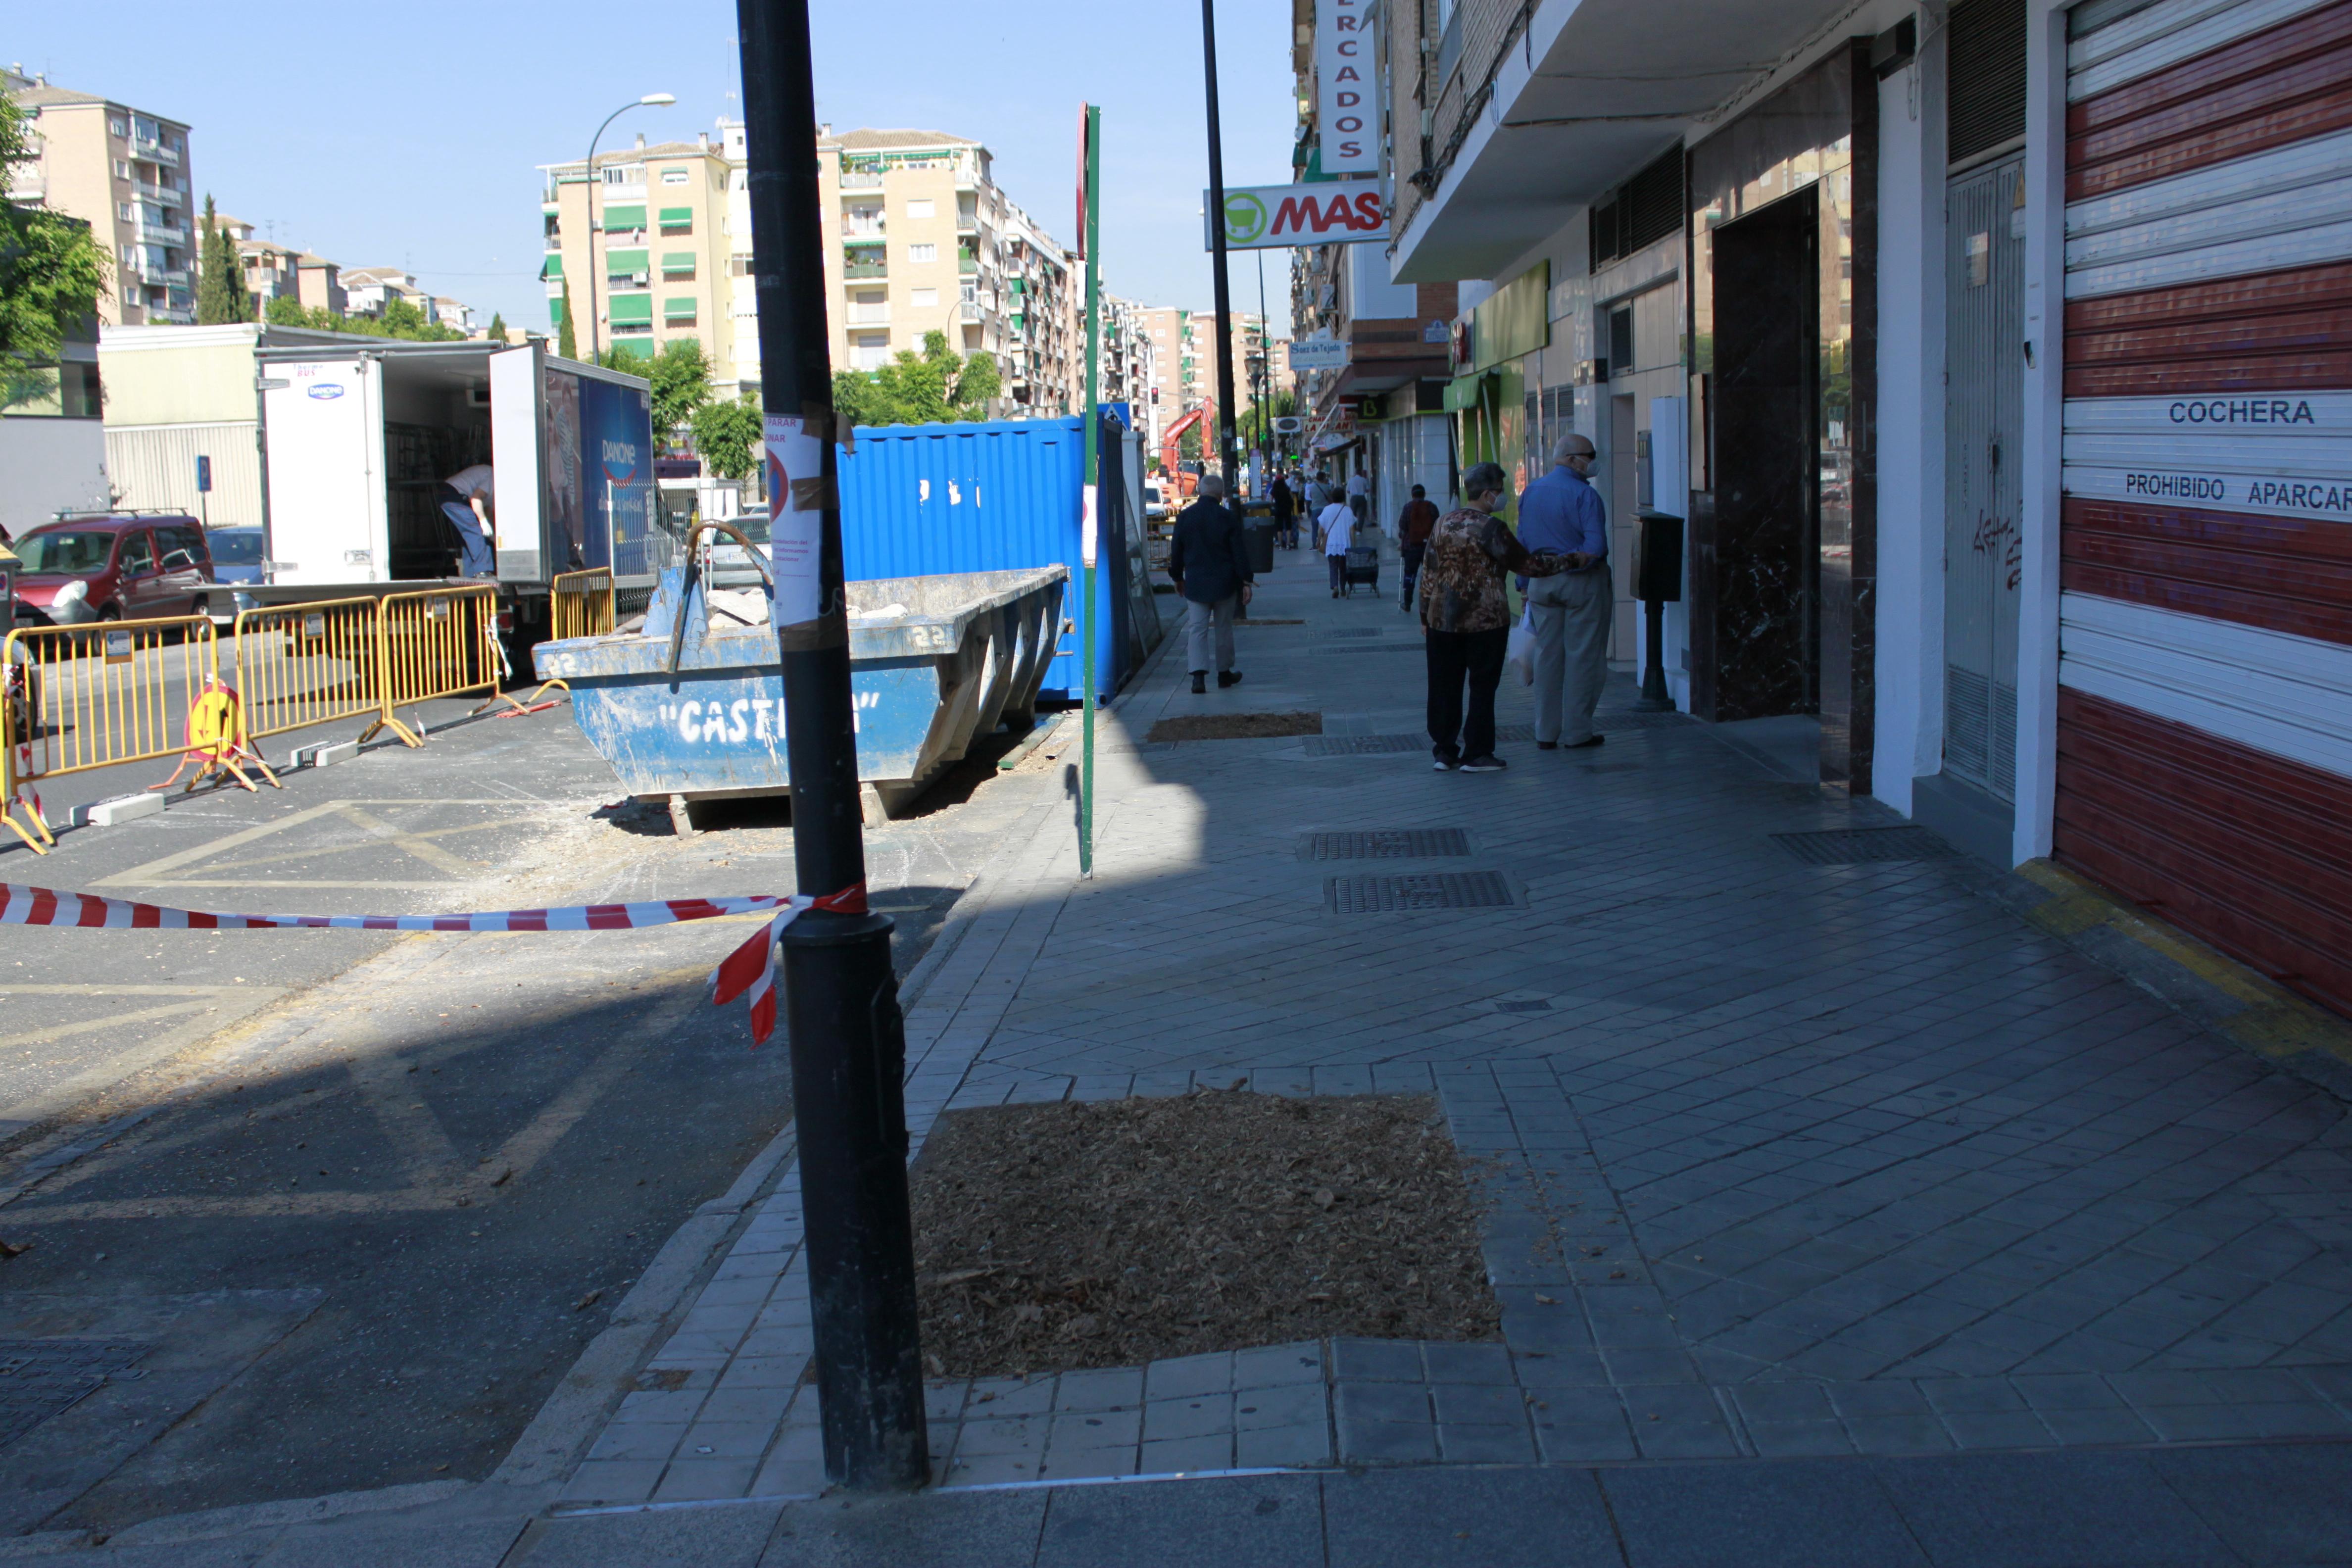 Más de 7.500 firmas exigen el cese de la tala de árboles en el eje Arabial-Palencia